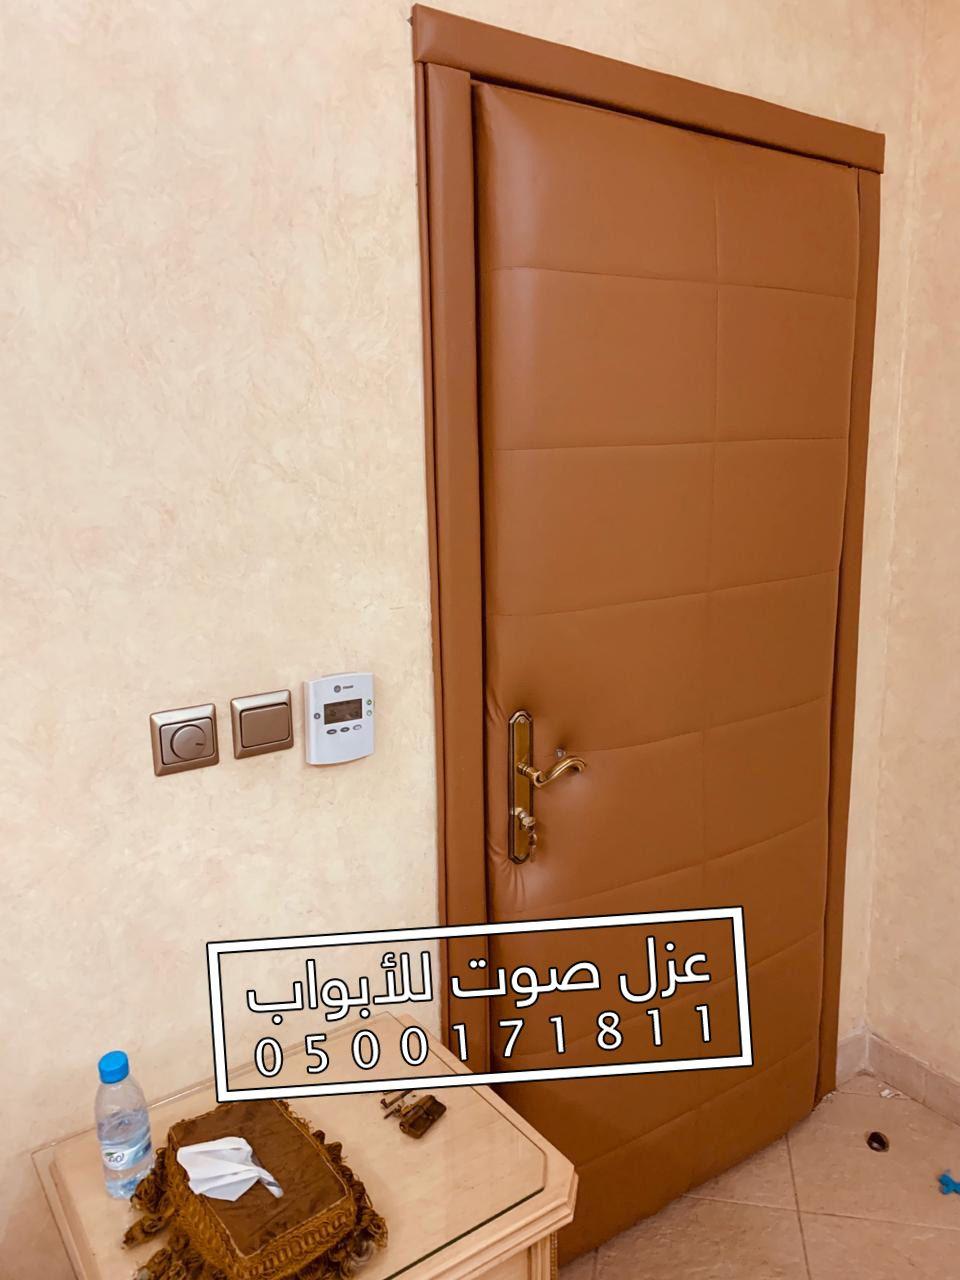 من أقوى عوازل الصوت للأبواب تركيب في الرياض Home Decor Decals Home Decor Decor